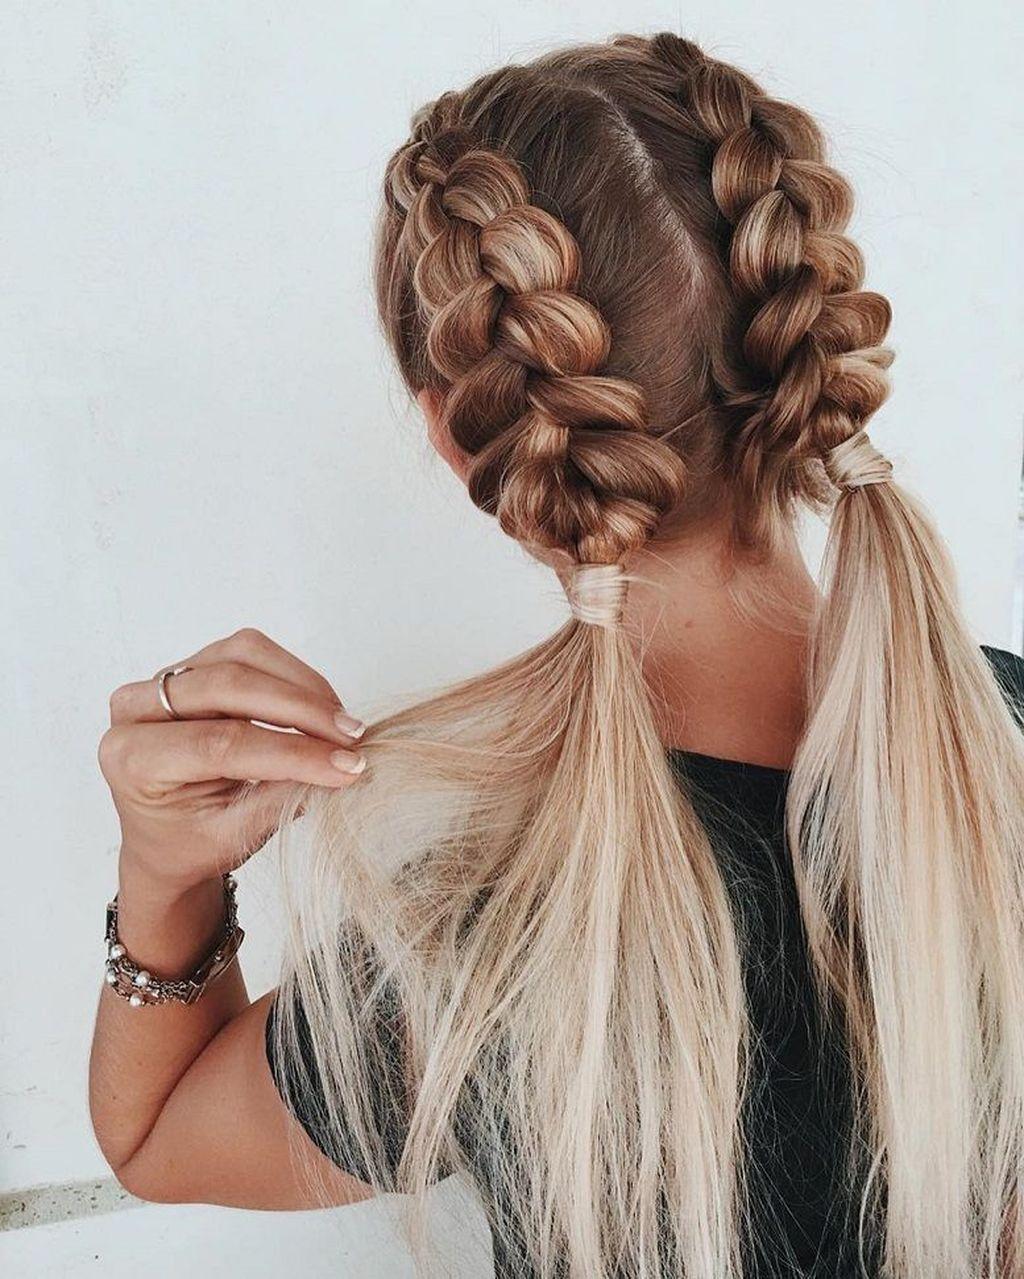 stunning fishtail braid hairstyle ideas fishtailbraids style